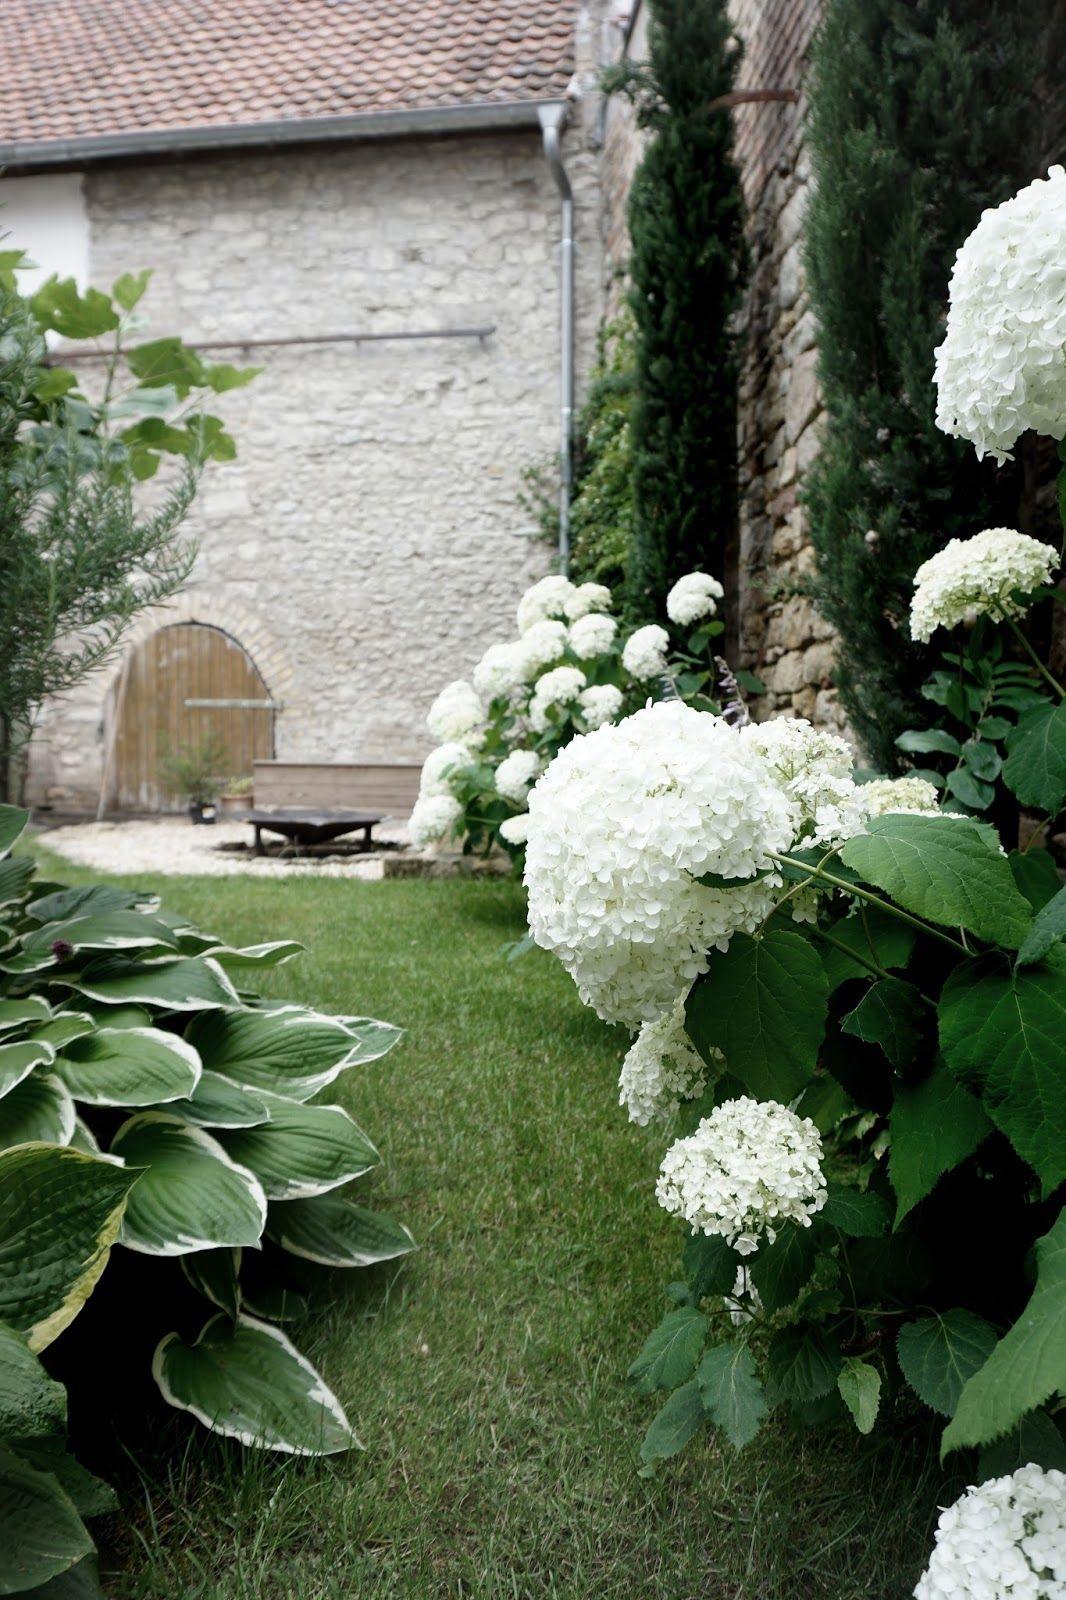 Attractive DIY Feuerecke, Garten Anlegen, Feuerecke Gestalten, Garteninspiration,  Gartenblog